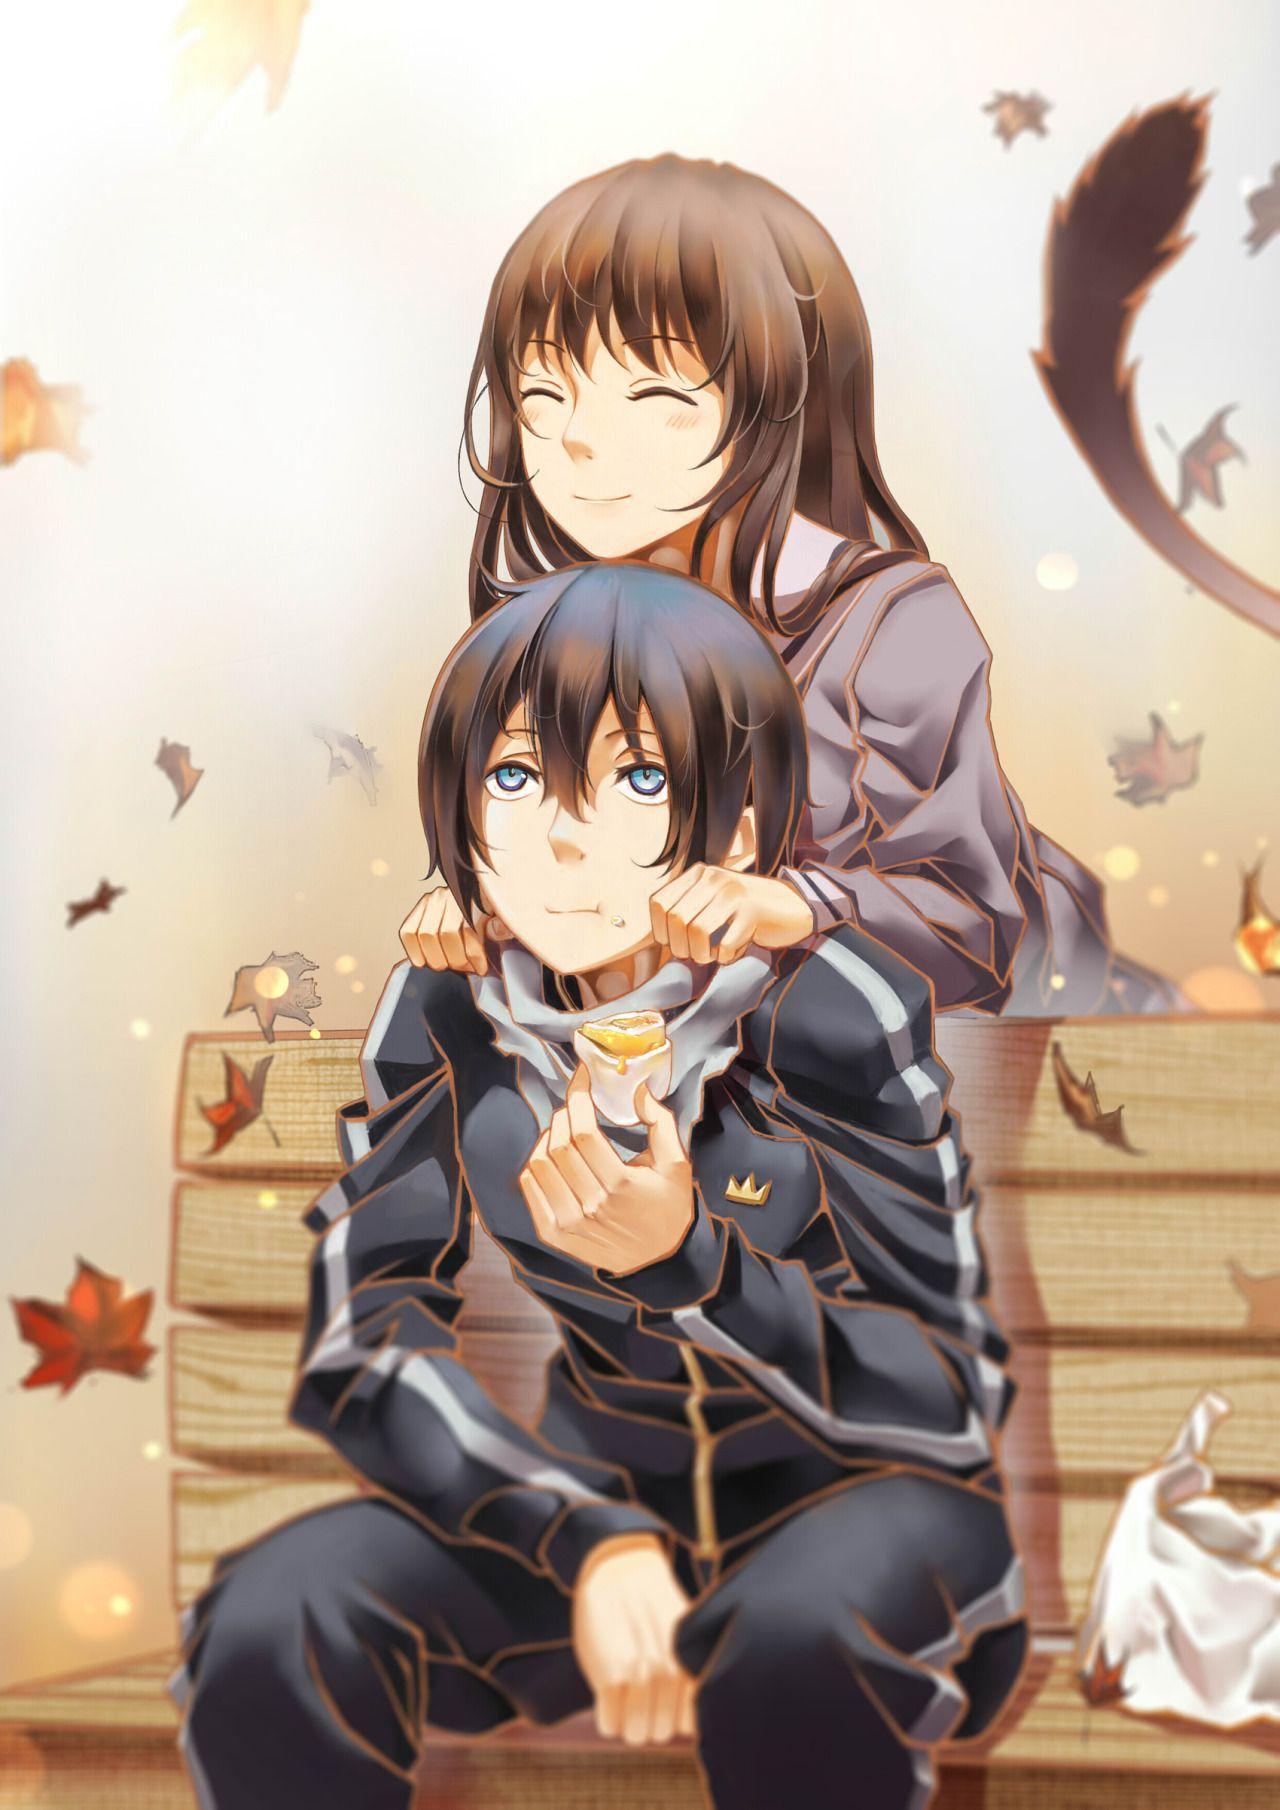 あなたにご縁があらんことを Noragami anime, Noragami, Yato, hiyori